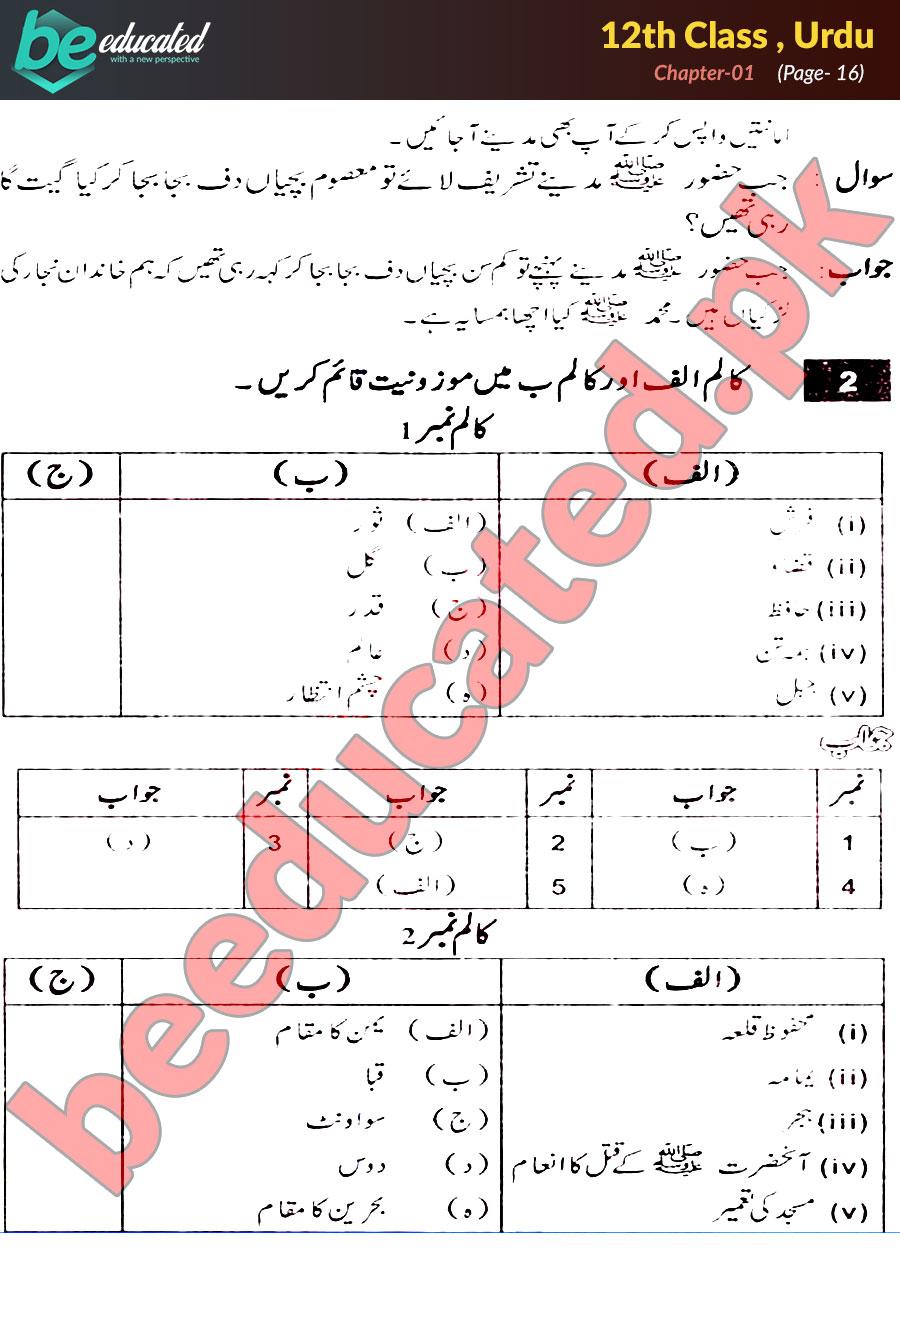 Chapter 1 Urdu FSc Part 2 Notes - Inter Part 2 Notes